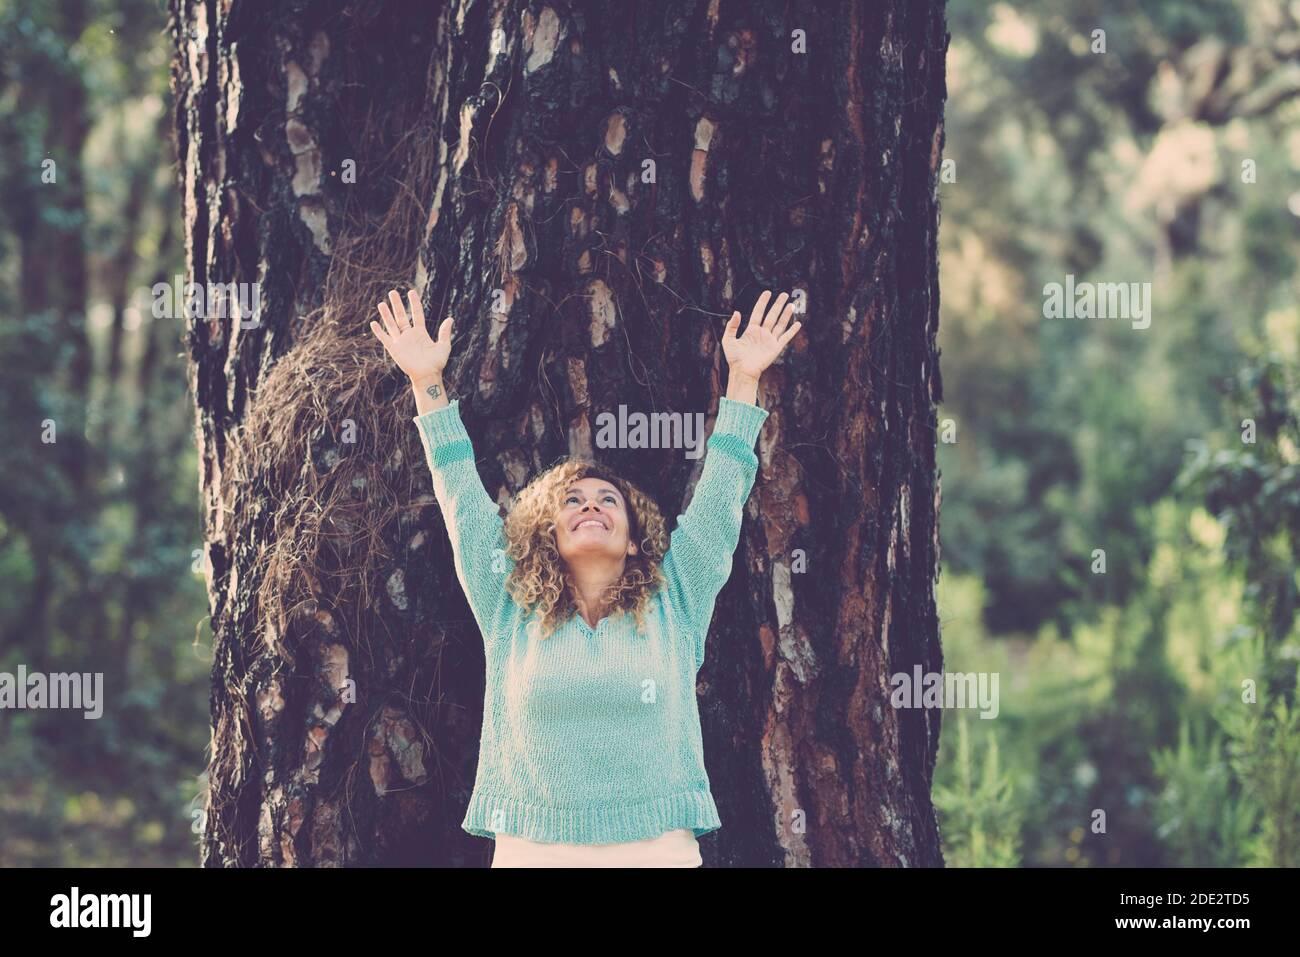 Alegre bonita mujer de pie con un gran tronco de árbol fondo - abrazando el estilo de vida al aire libre y salvar la madera del bosque conpewpt - el día de la tierra celebrab Foto de stock